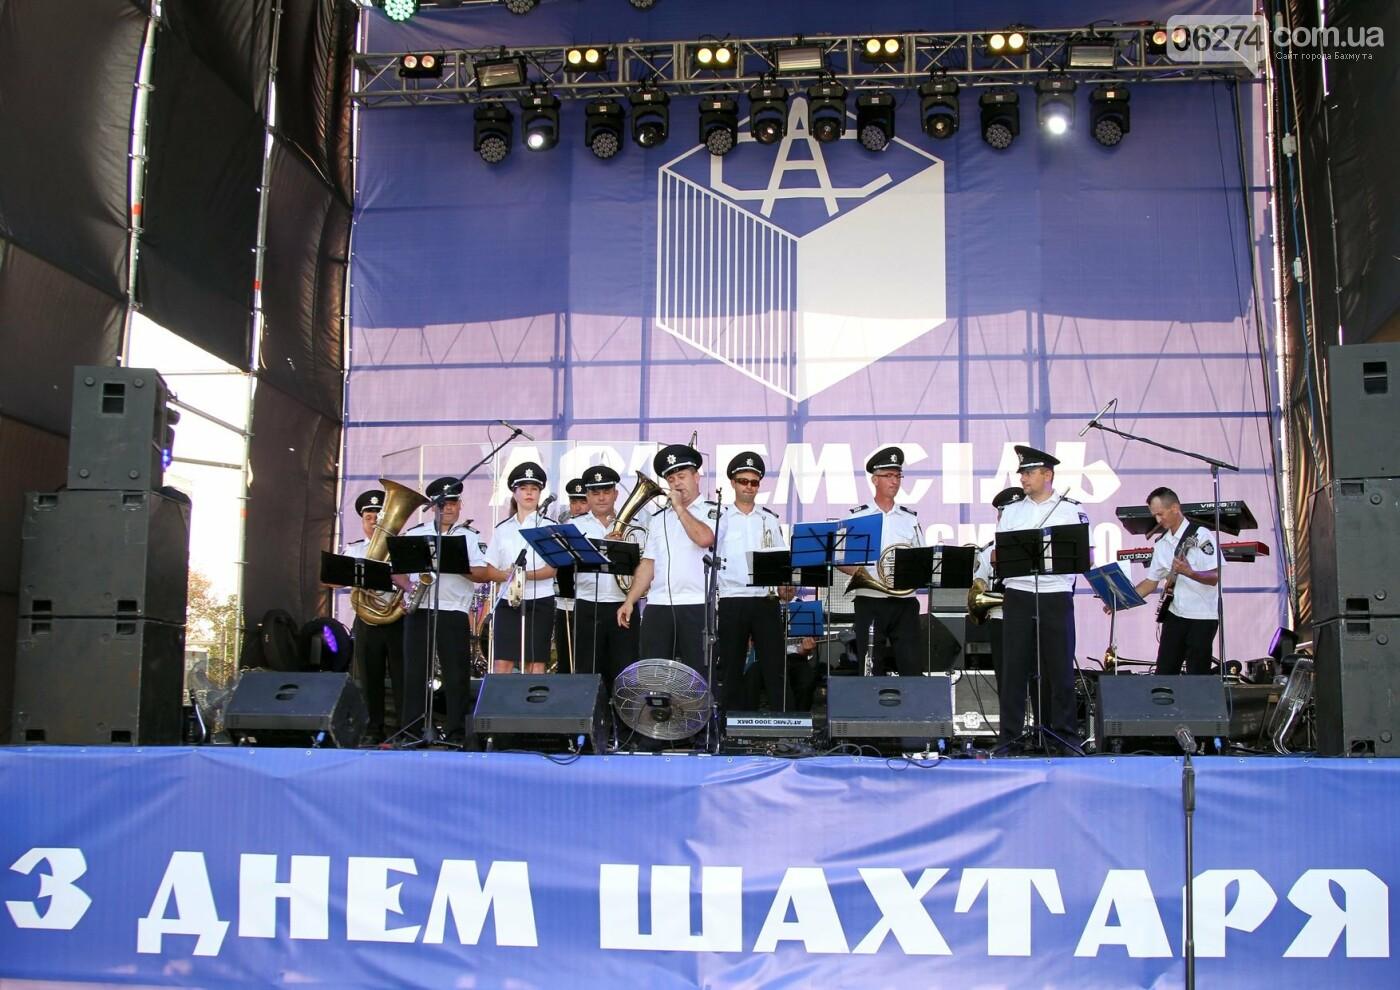 ГП «Артемсоль» с Днем шахтера поздравили звезды украинской эстрады, фото-6